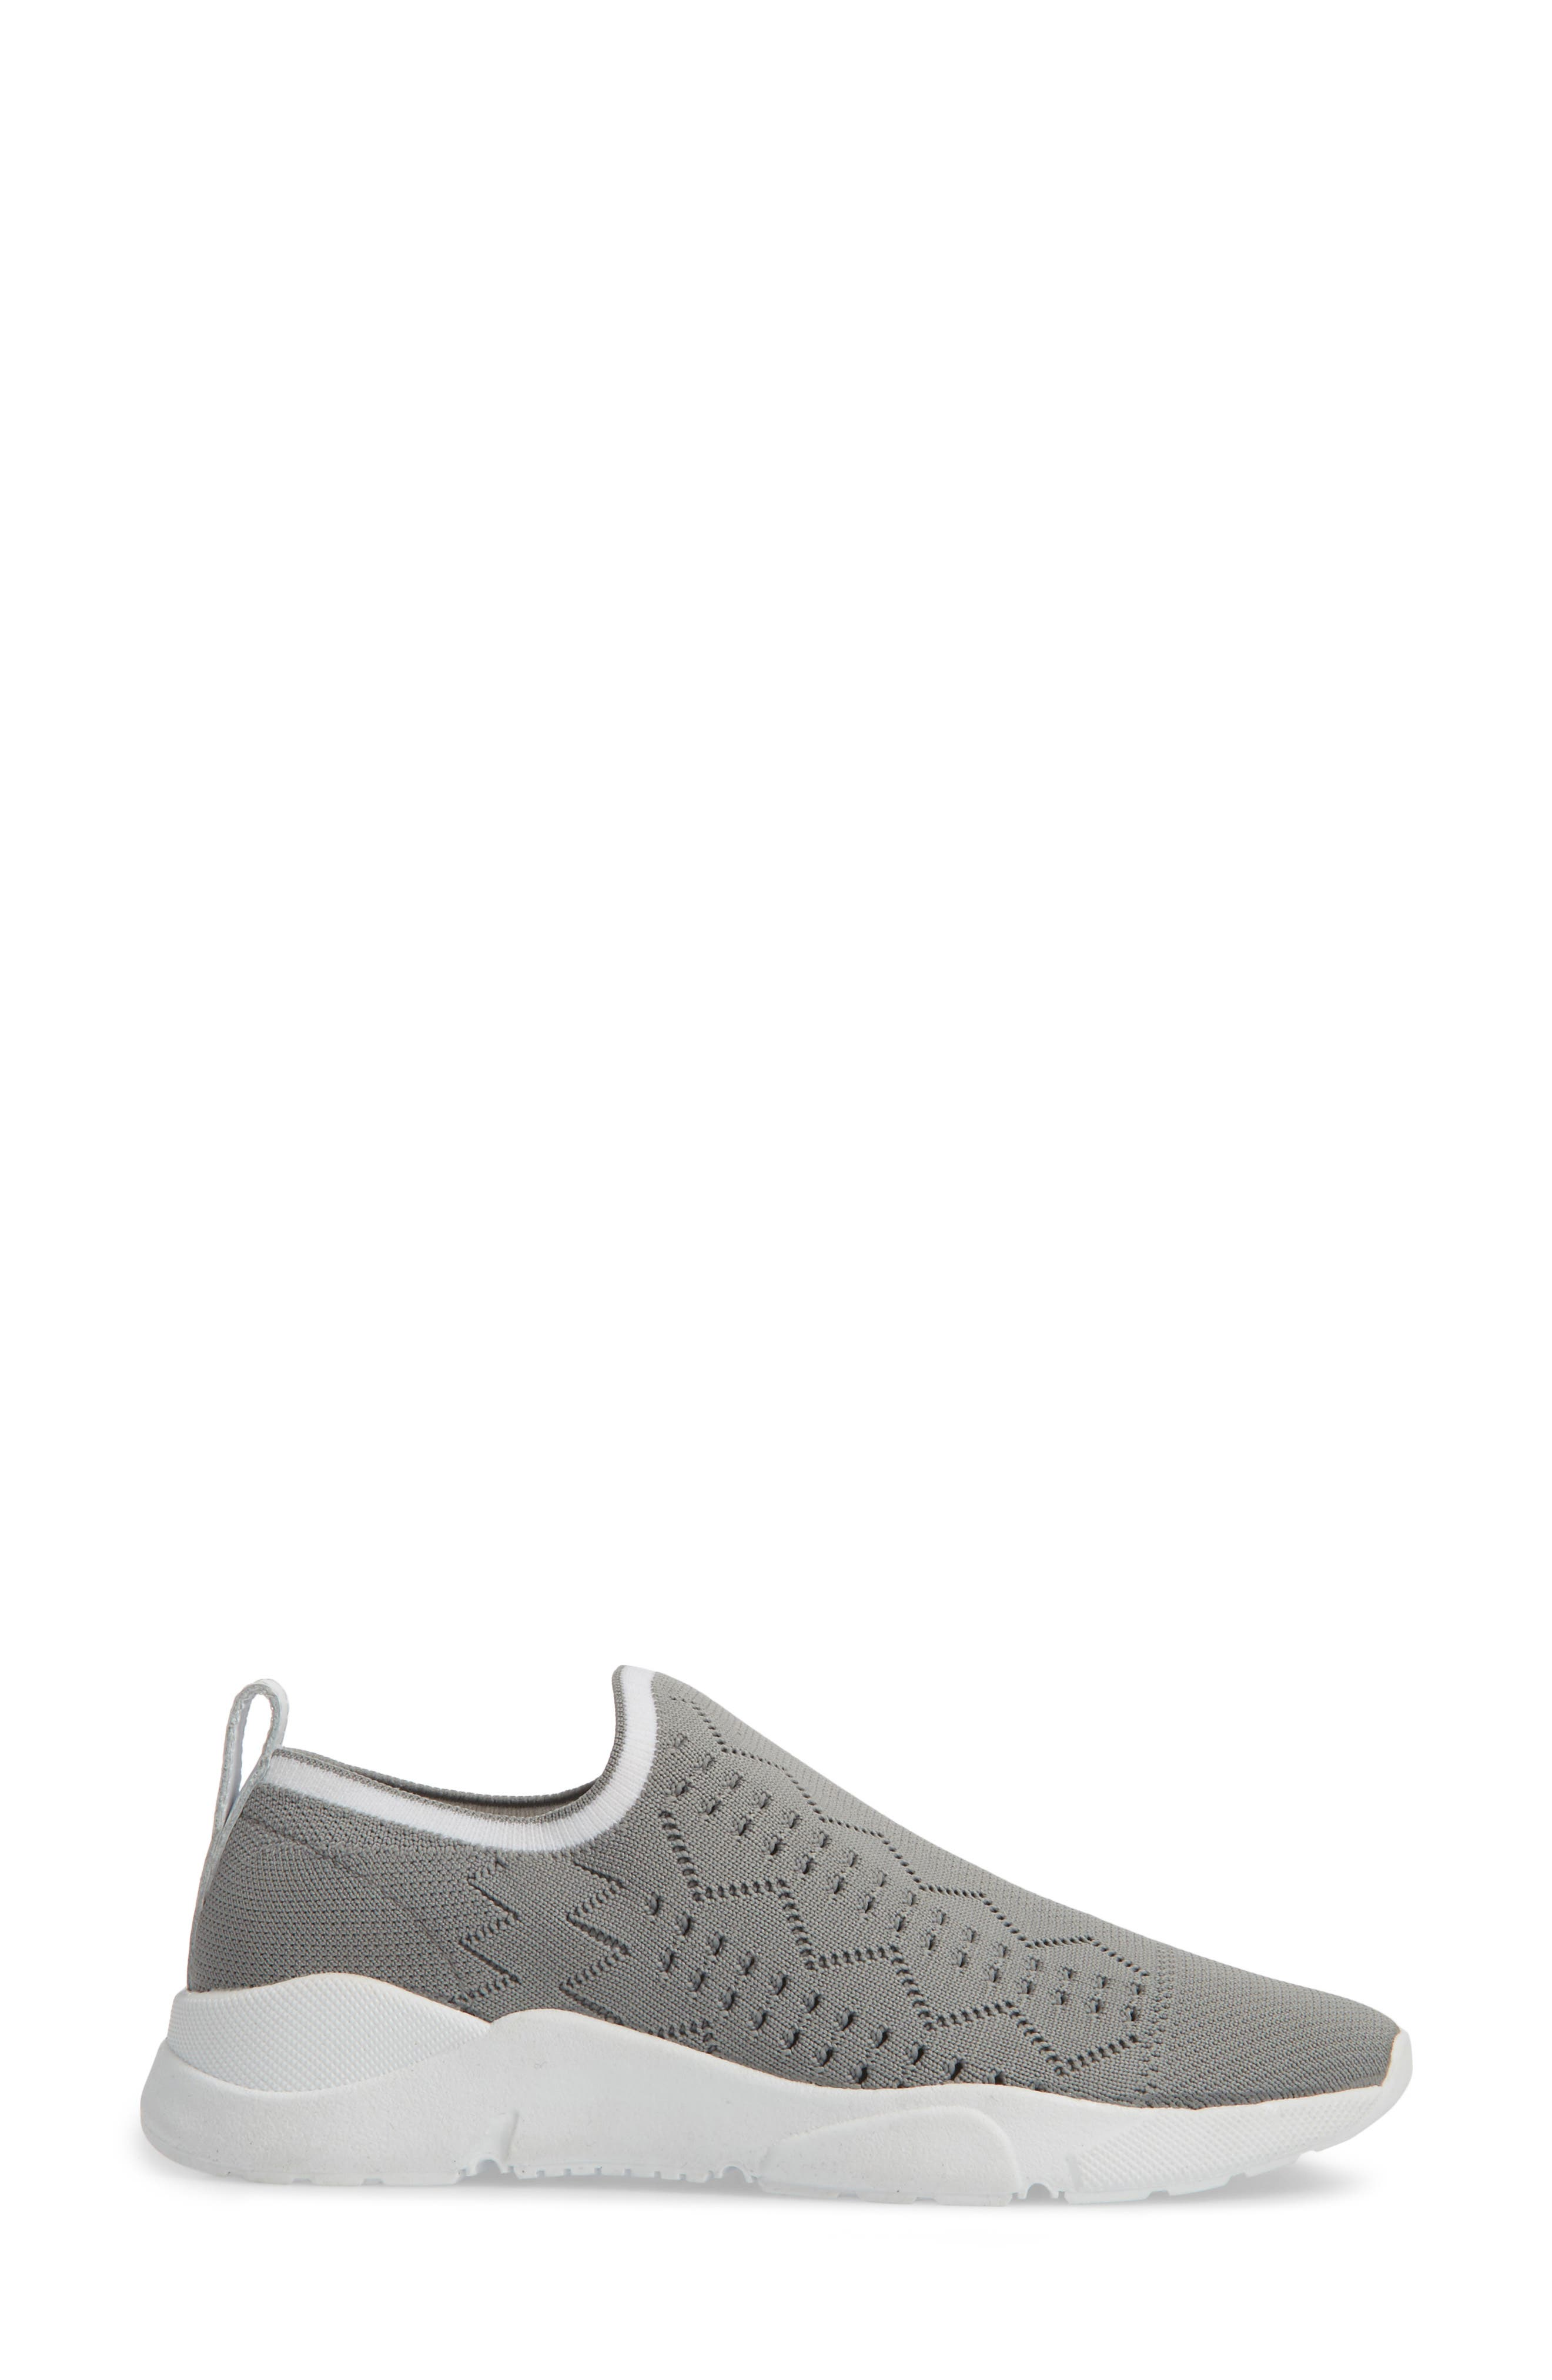 Alternate Image 3  - Marc Fisher LTD Karrie Slip-On Sneaker (Women)